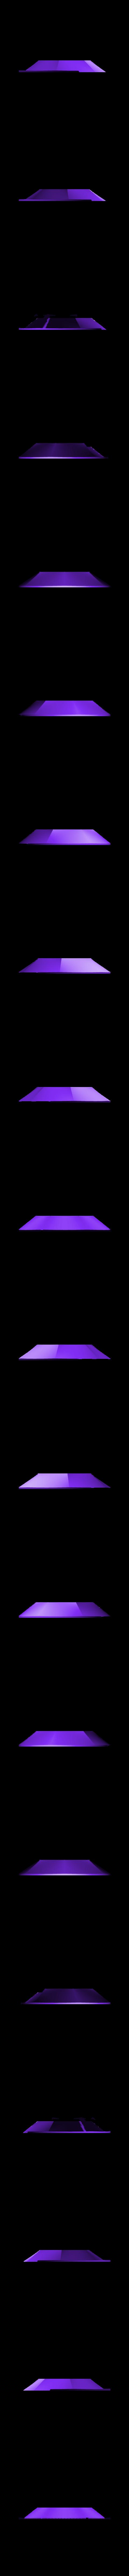 Hexagon Gem.stl Download STL file Steven Universe Cosplay Gem Set • 3D printable object, httpkoopa